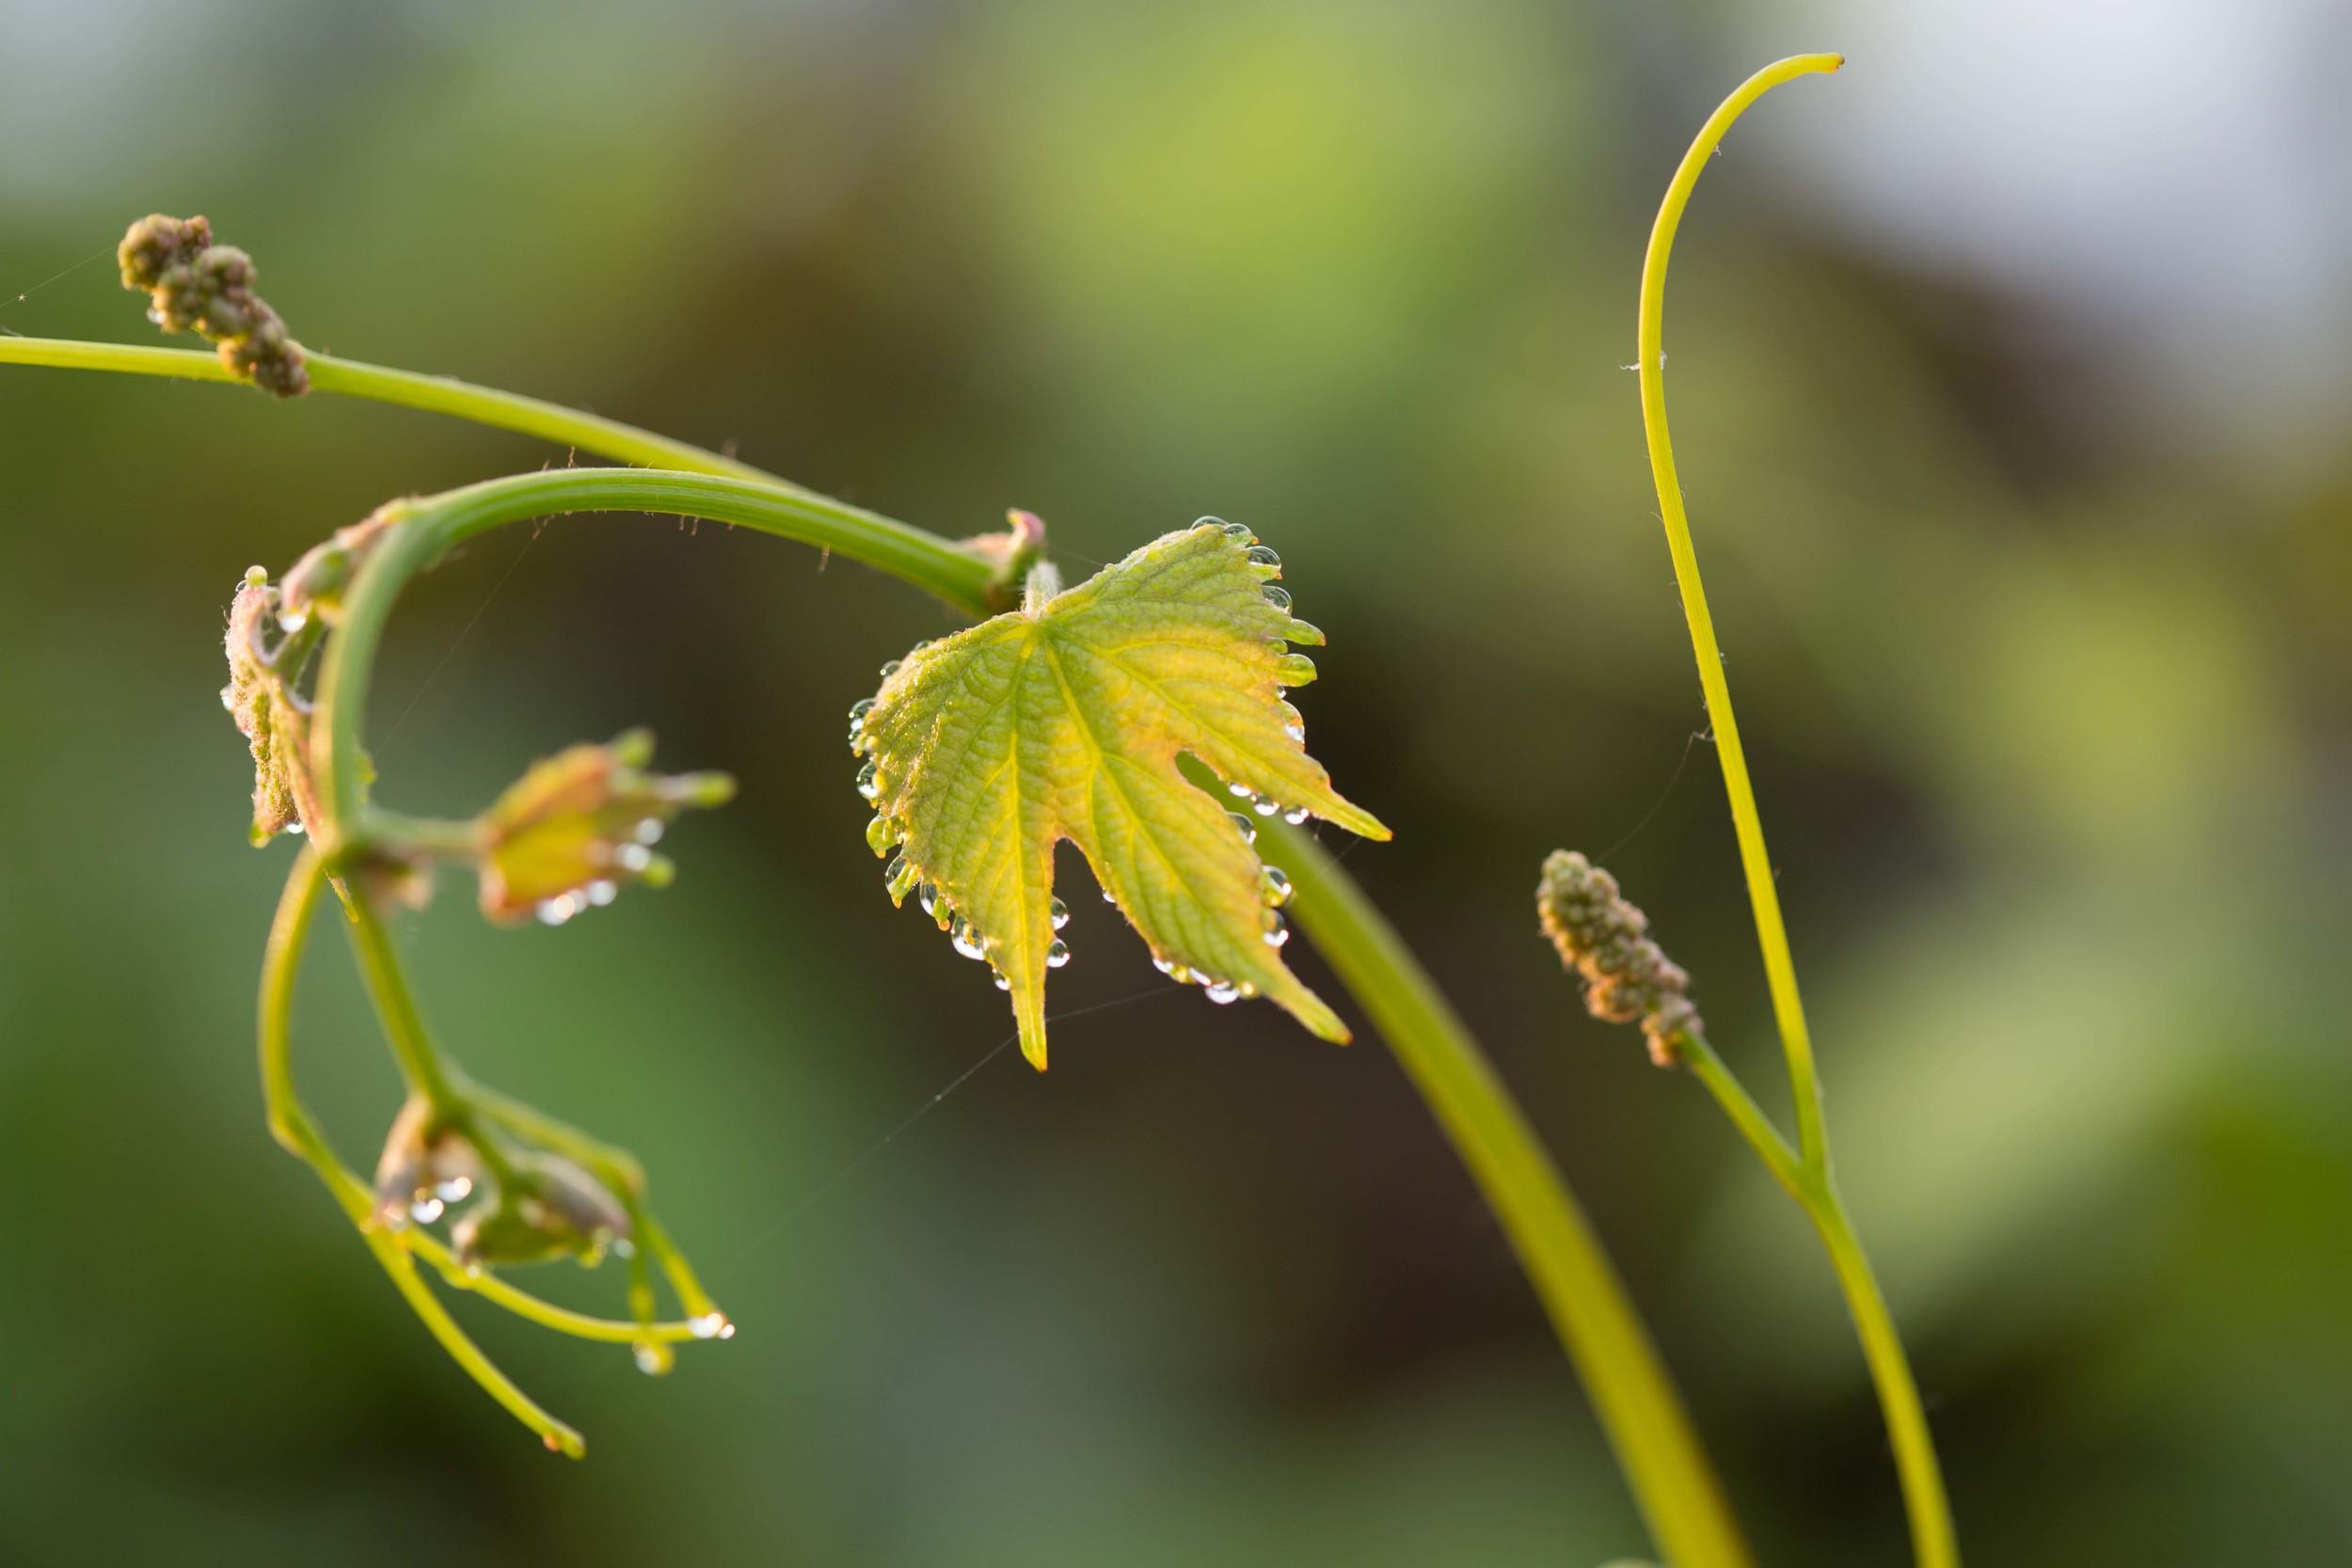 new_growth_on_vines_kiepersol.jpg